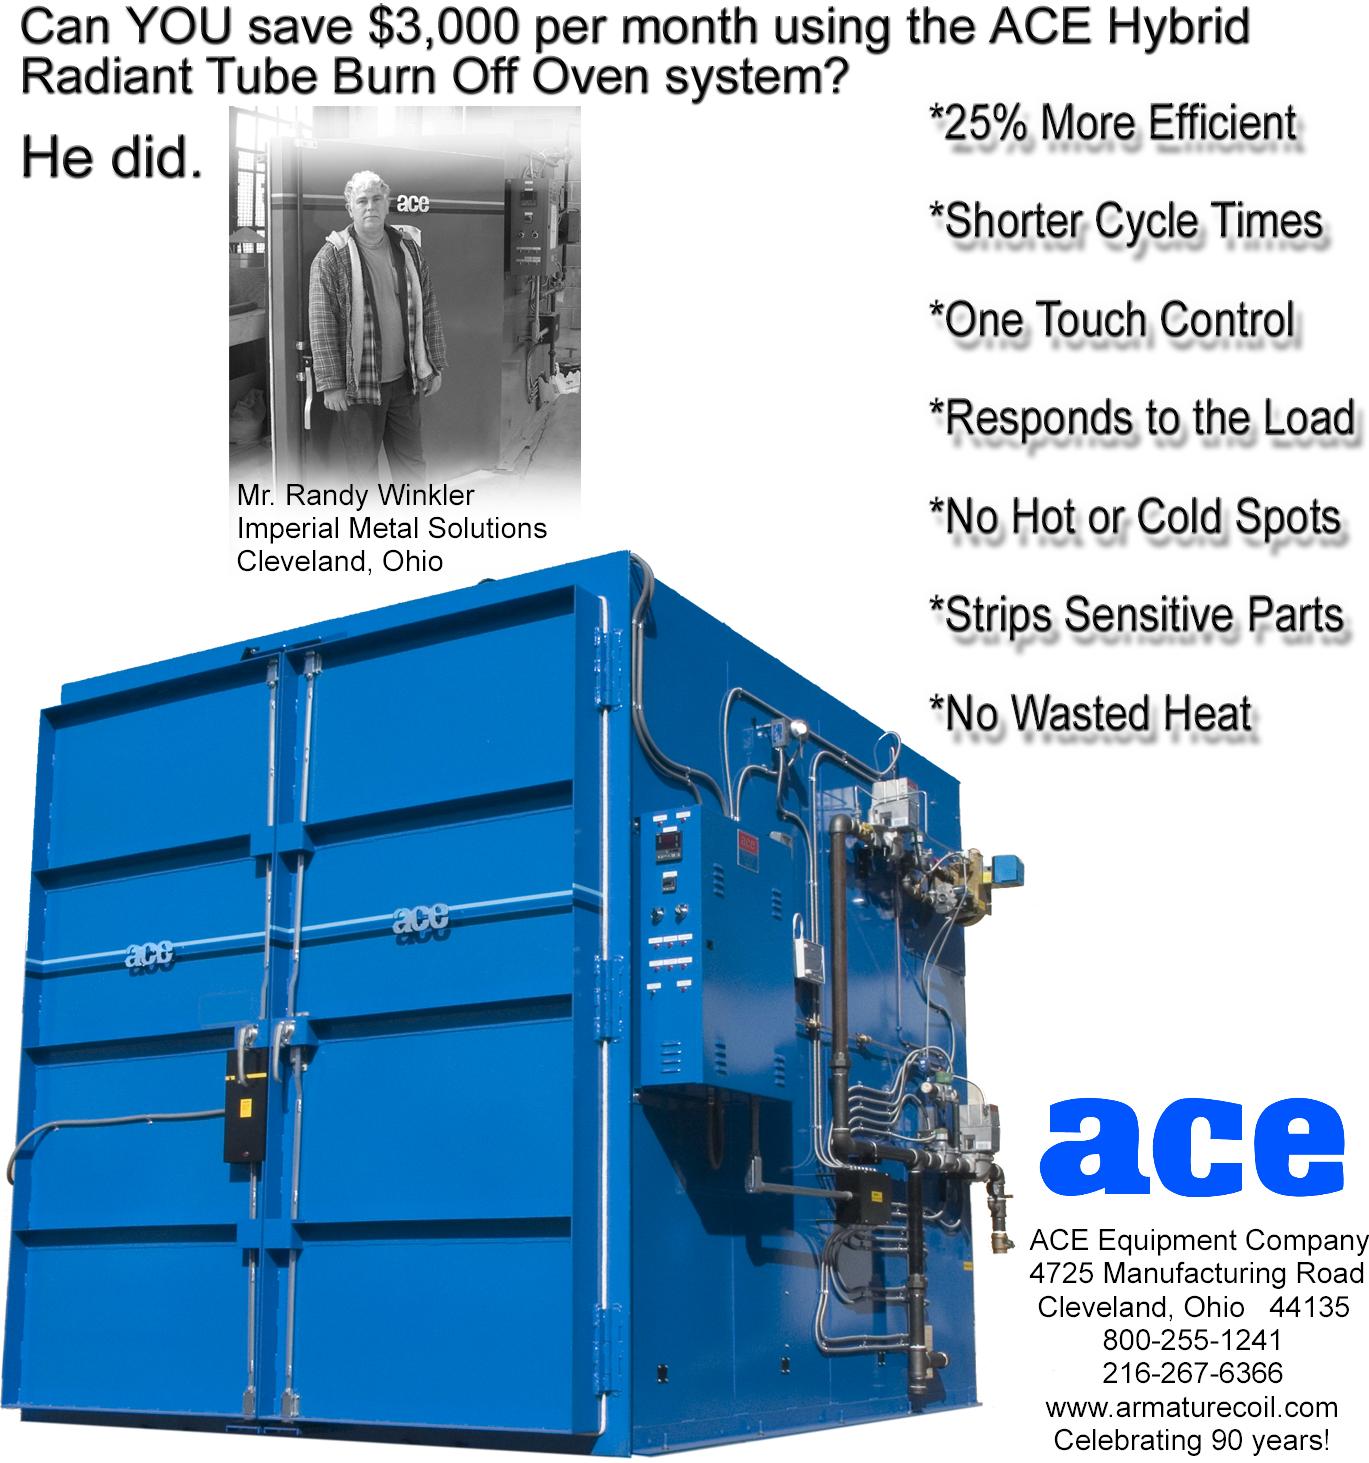 Burn Off Oven Testimonial